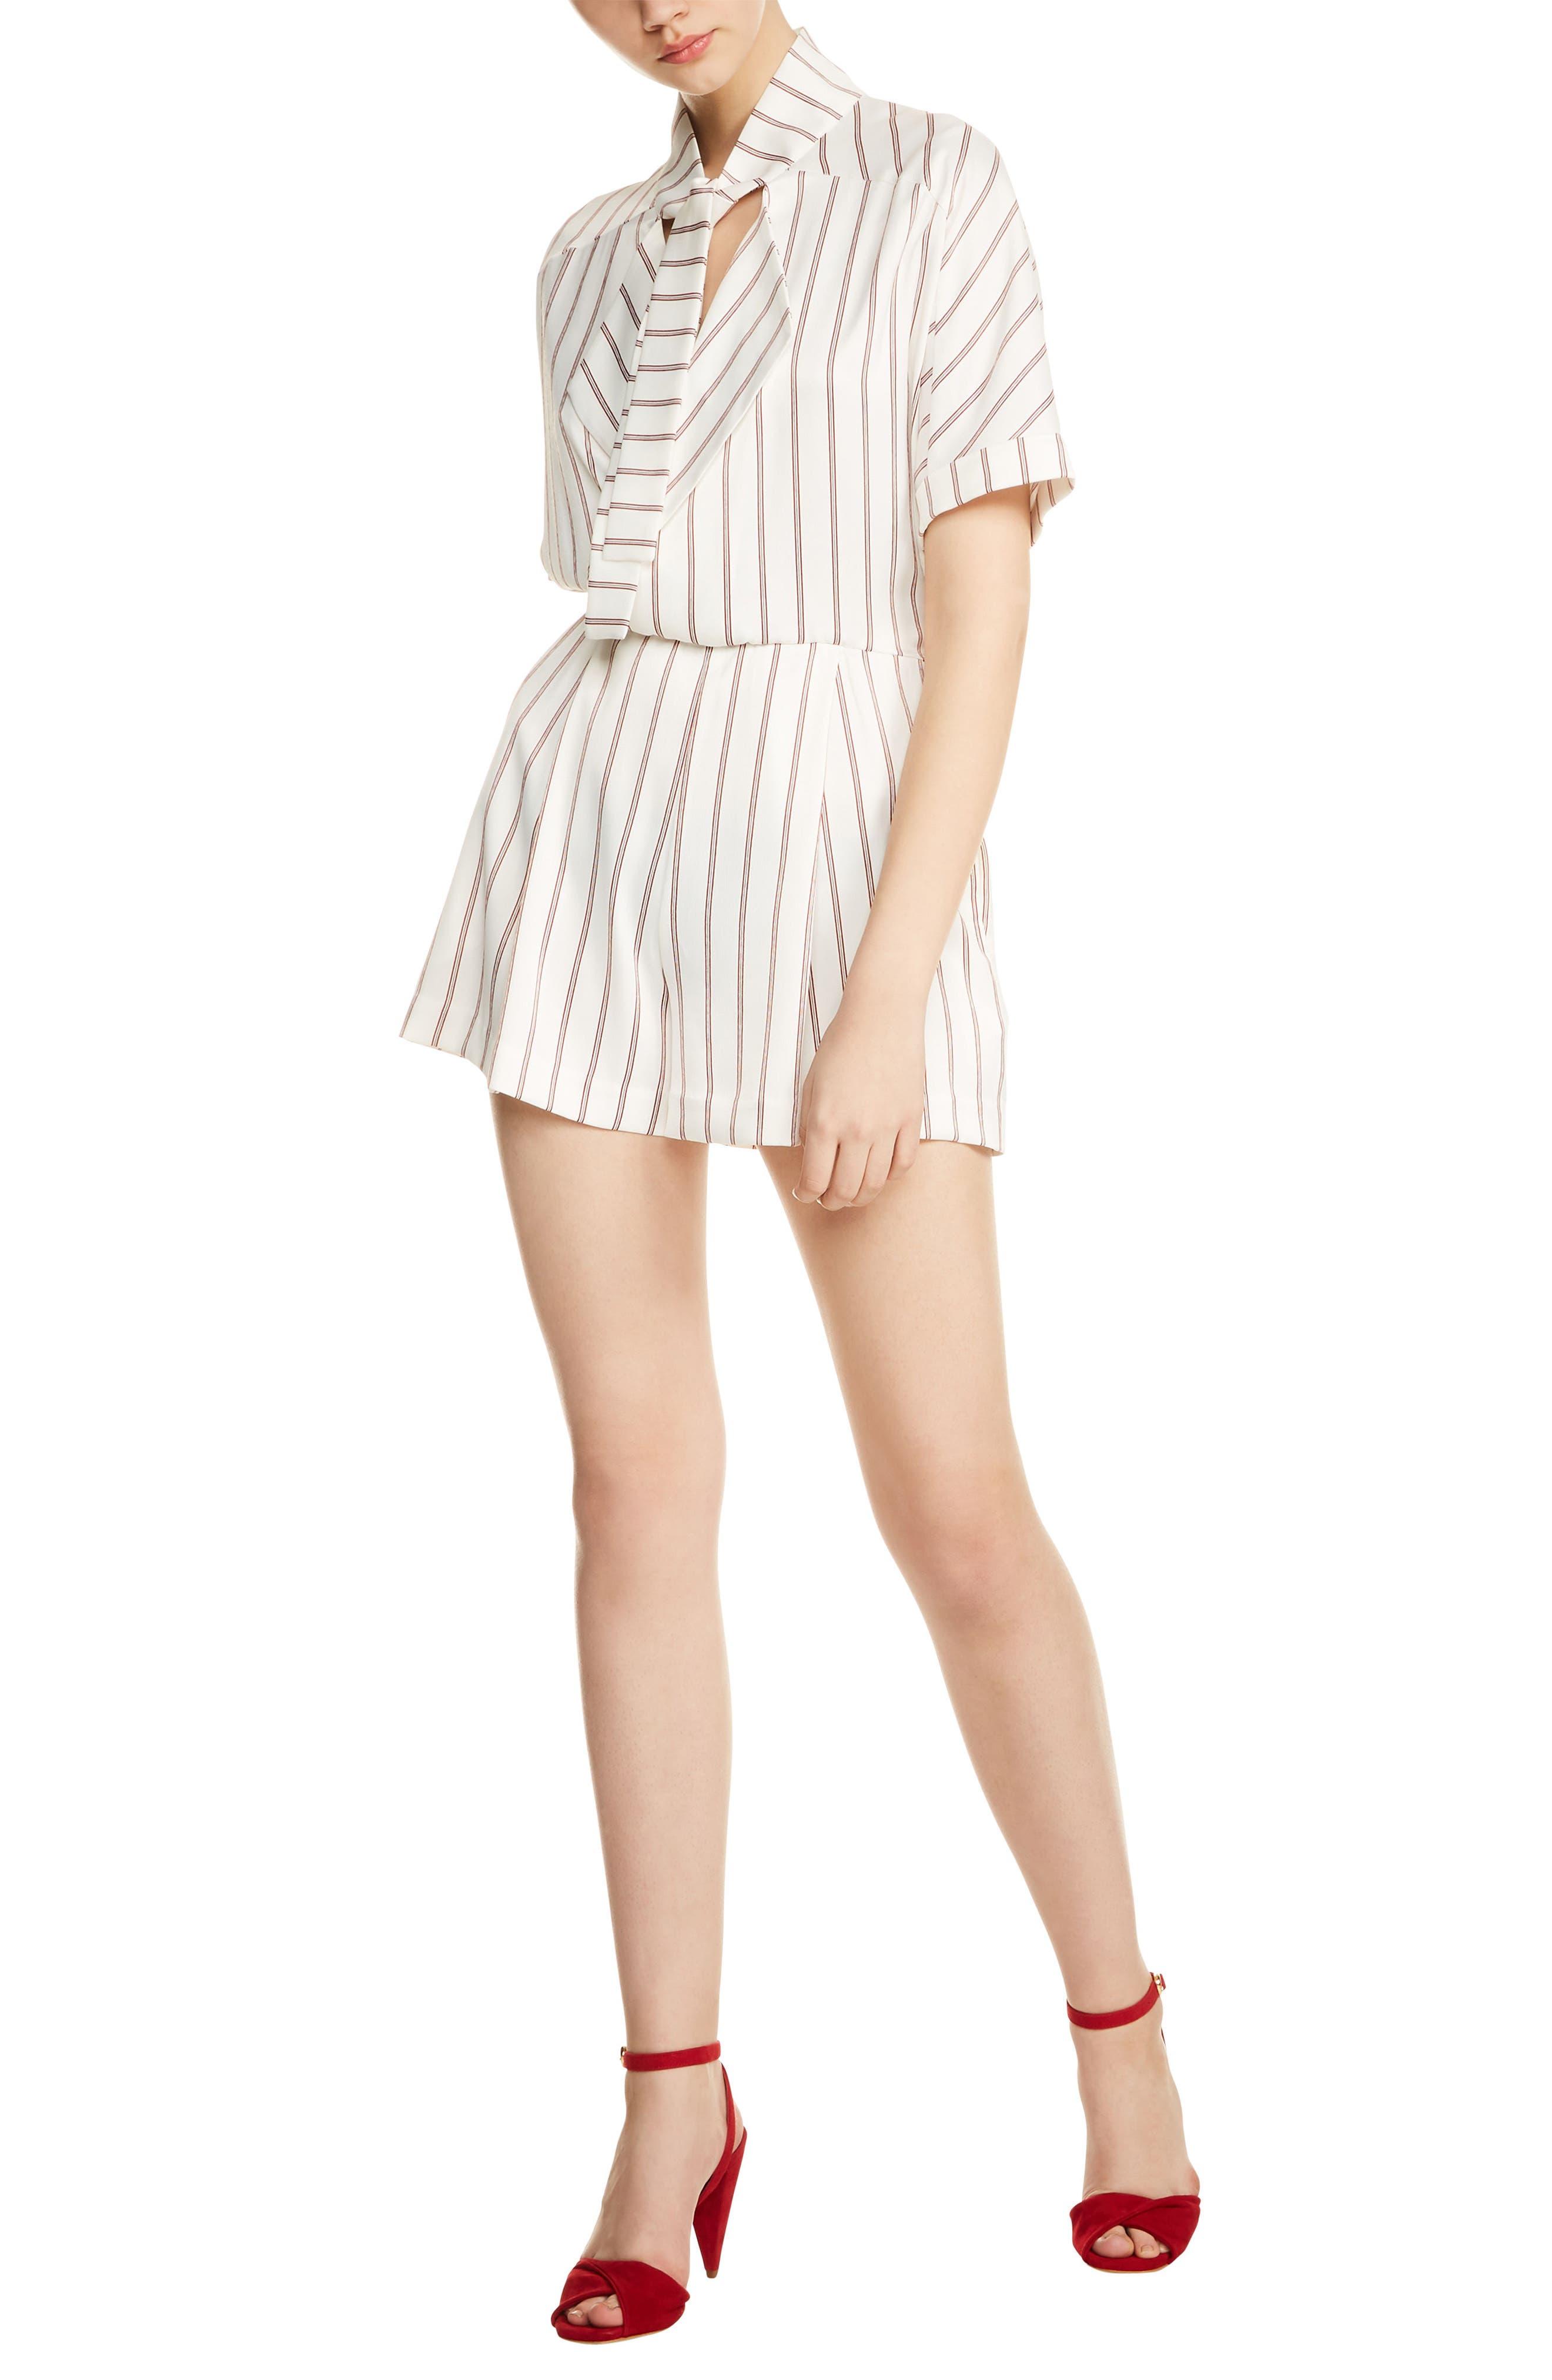 Alternate Image 1 Selected - maje Imaly Stripe Romper